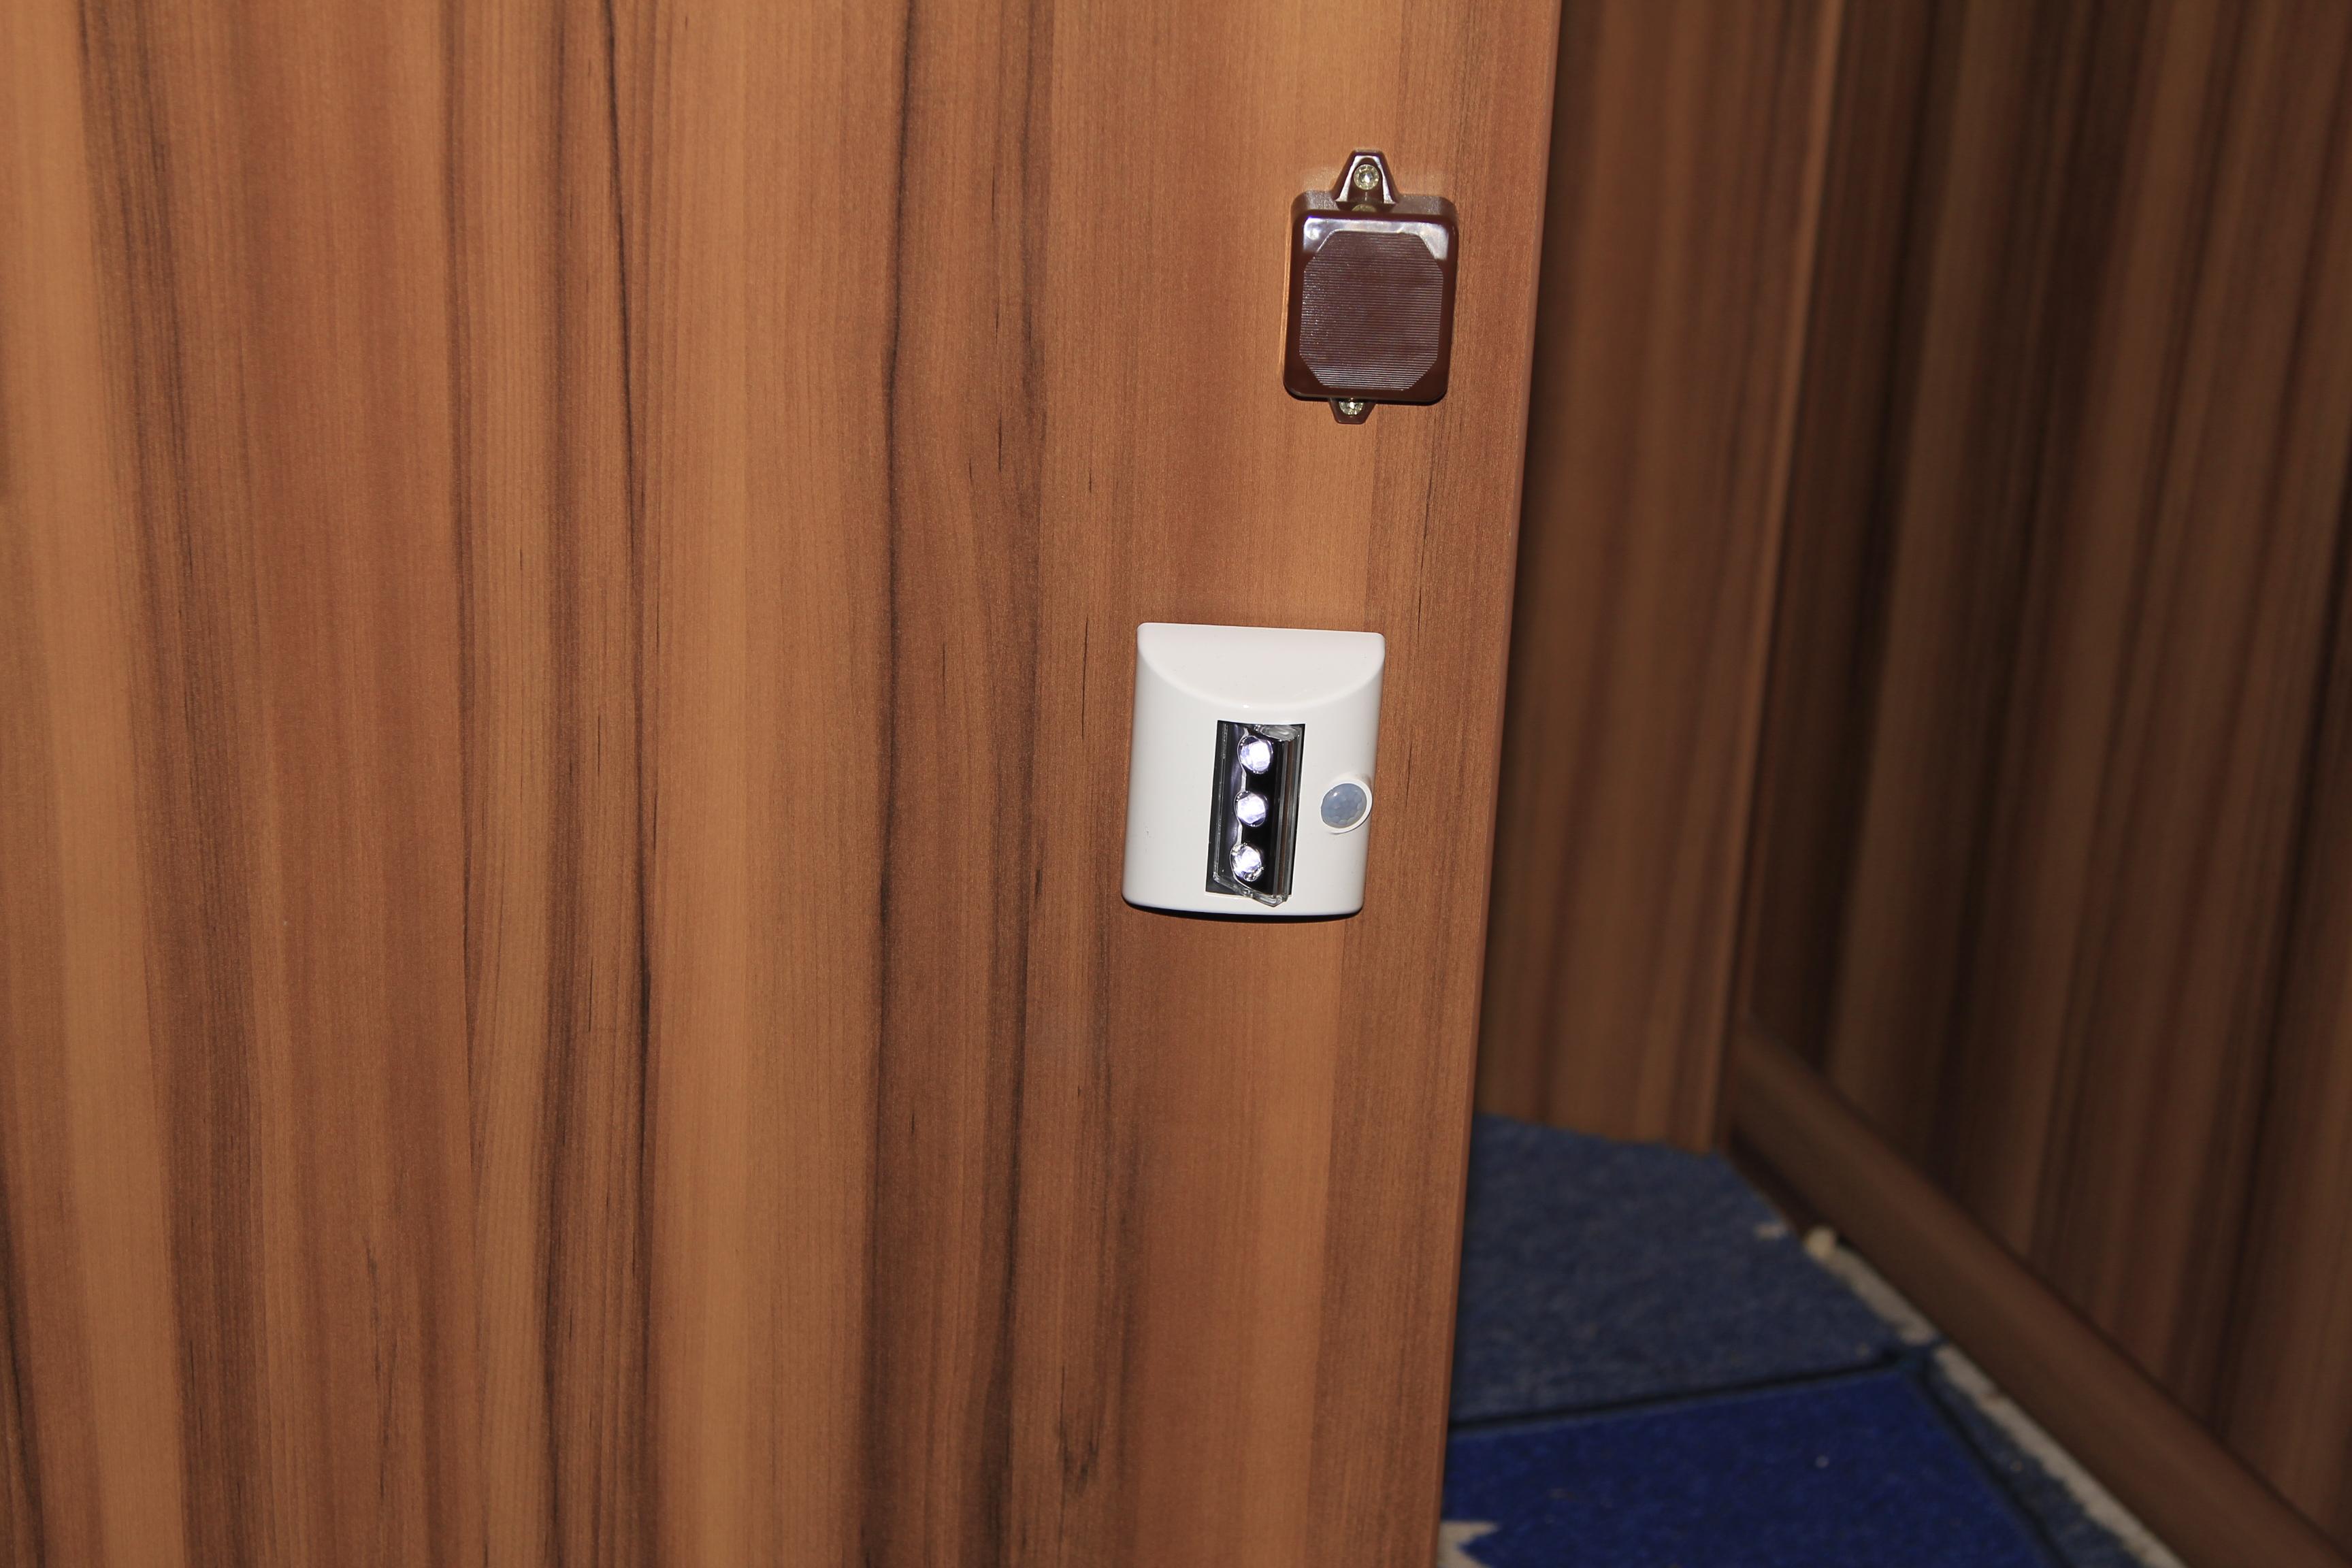 Kühlschrank Befestigung Tür : Kühlschrank schrank einstiegs beleuchtung lucian s flieger und